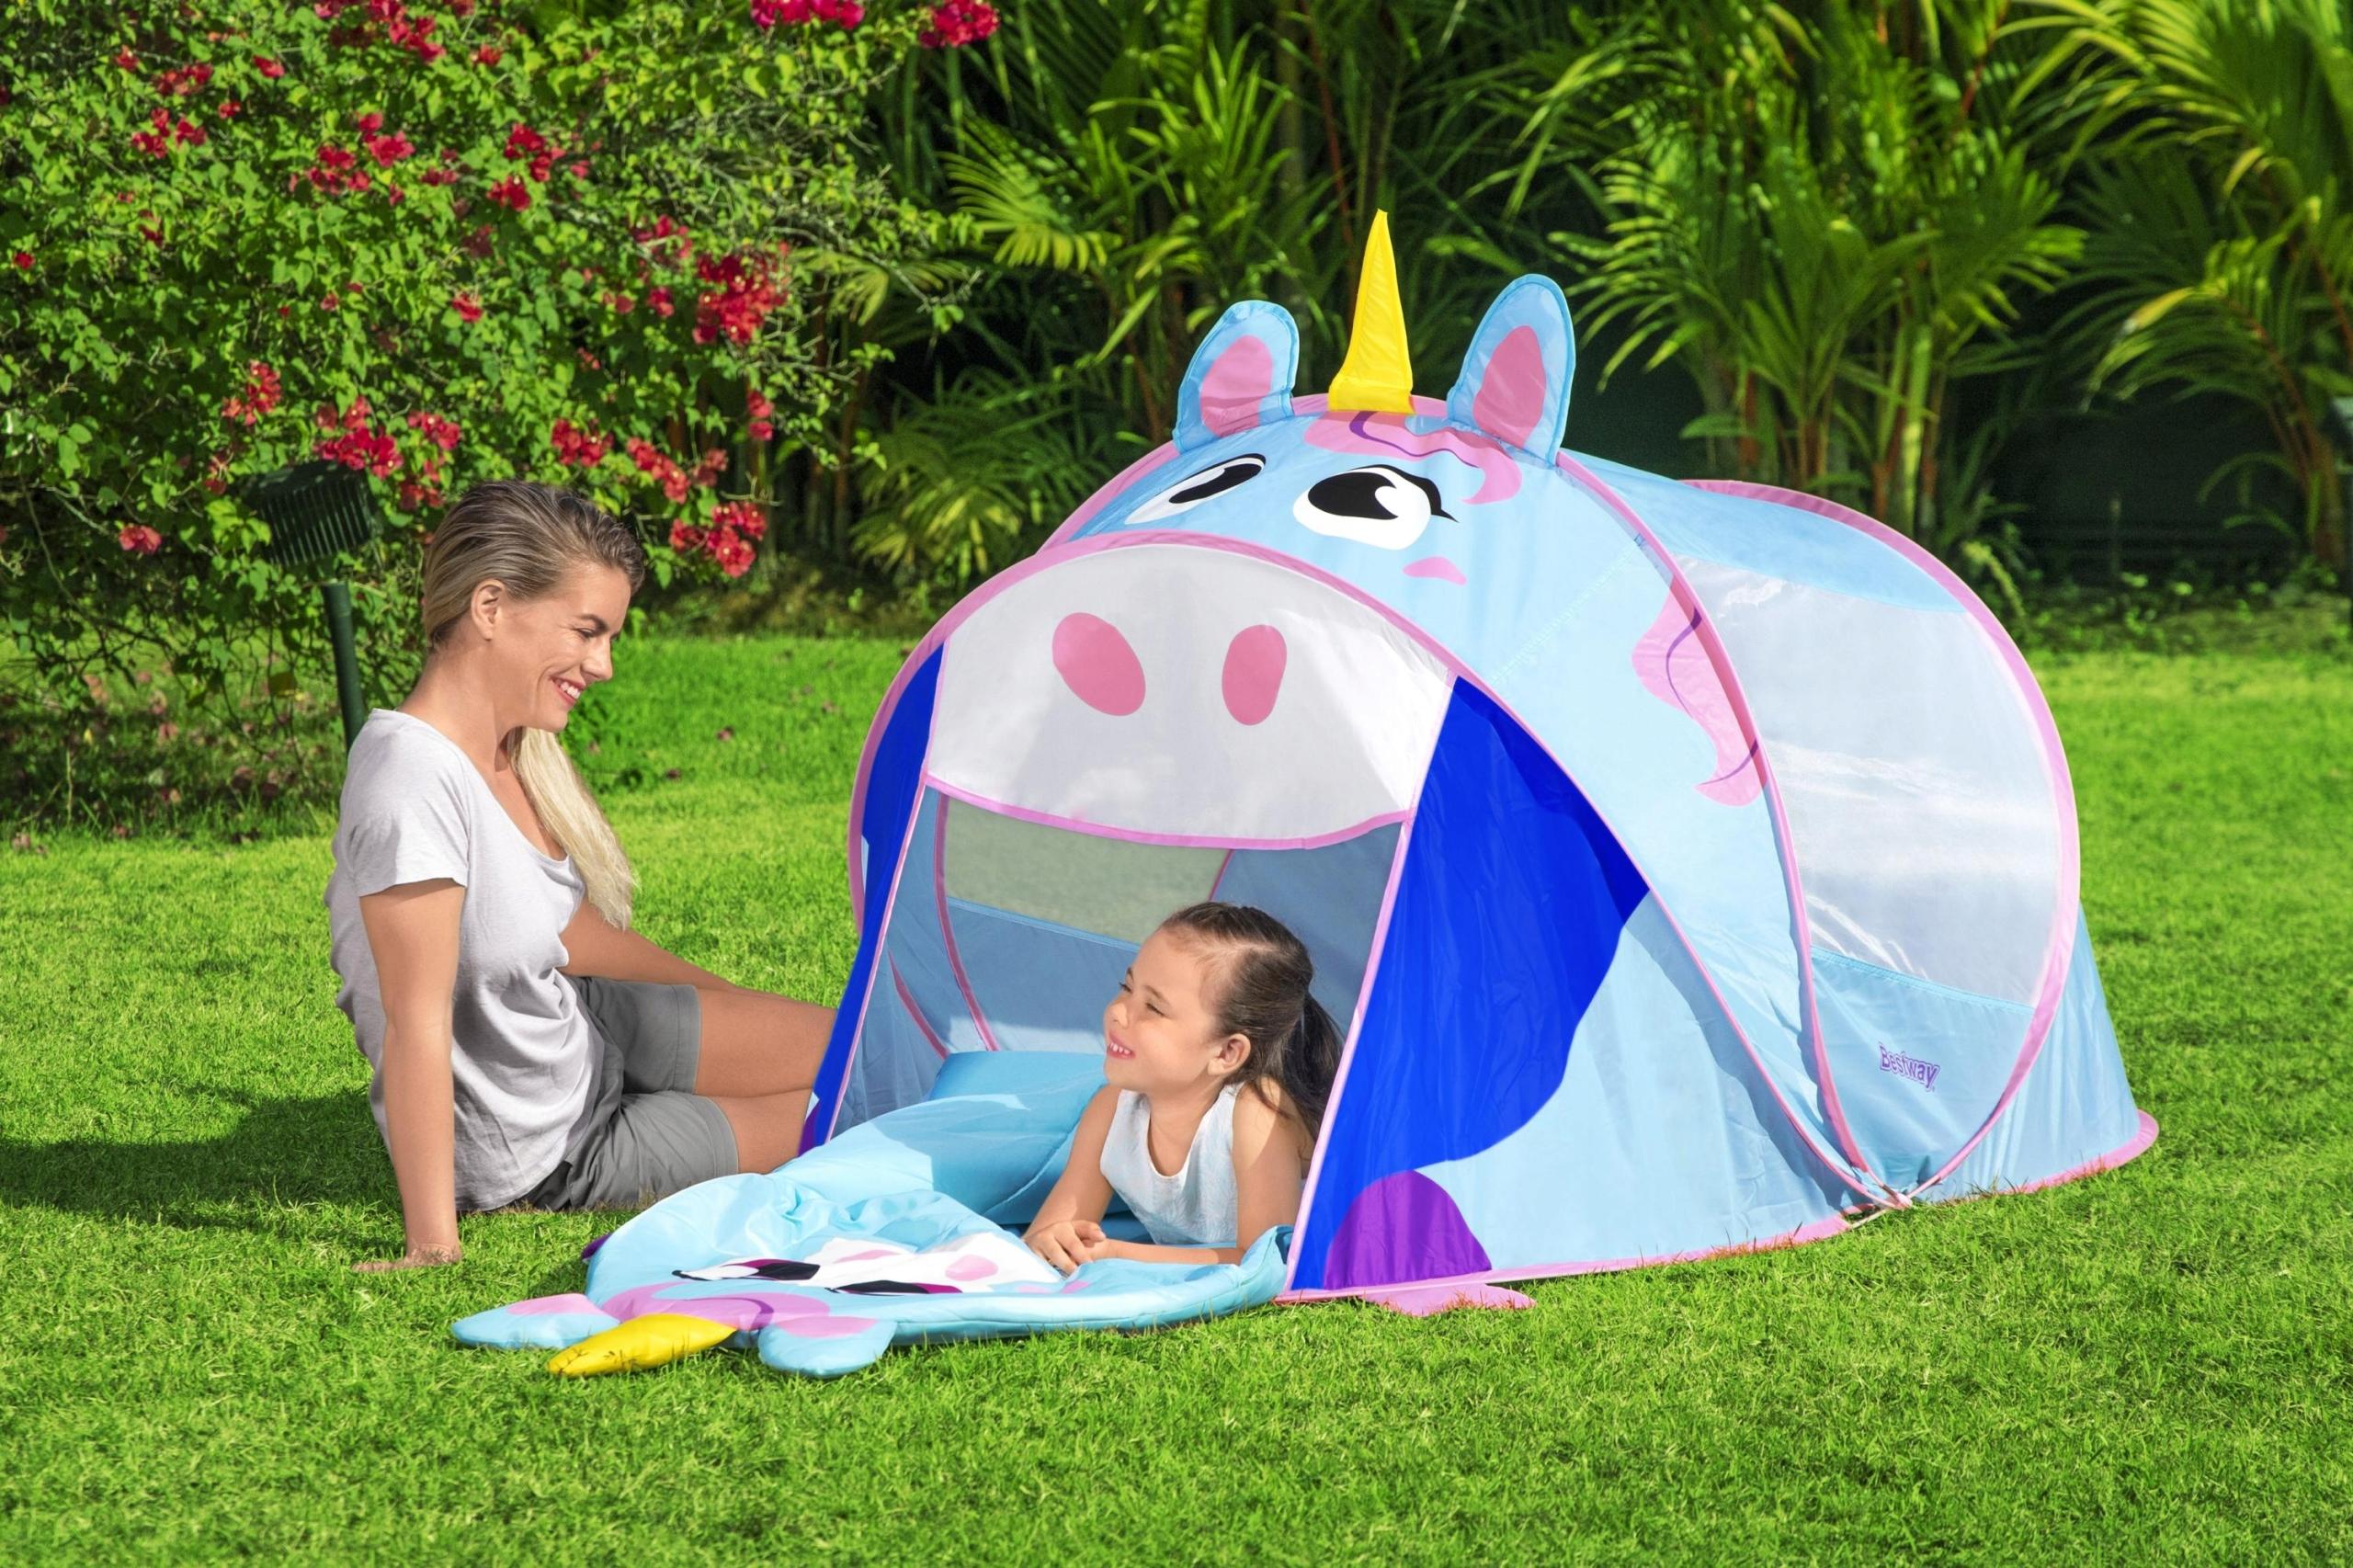 NAMIOT dla dzieci JEDNOROŻEC do domu, ogrodu DOMEK Wiek dziecka 2 lata +